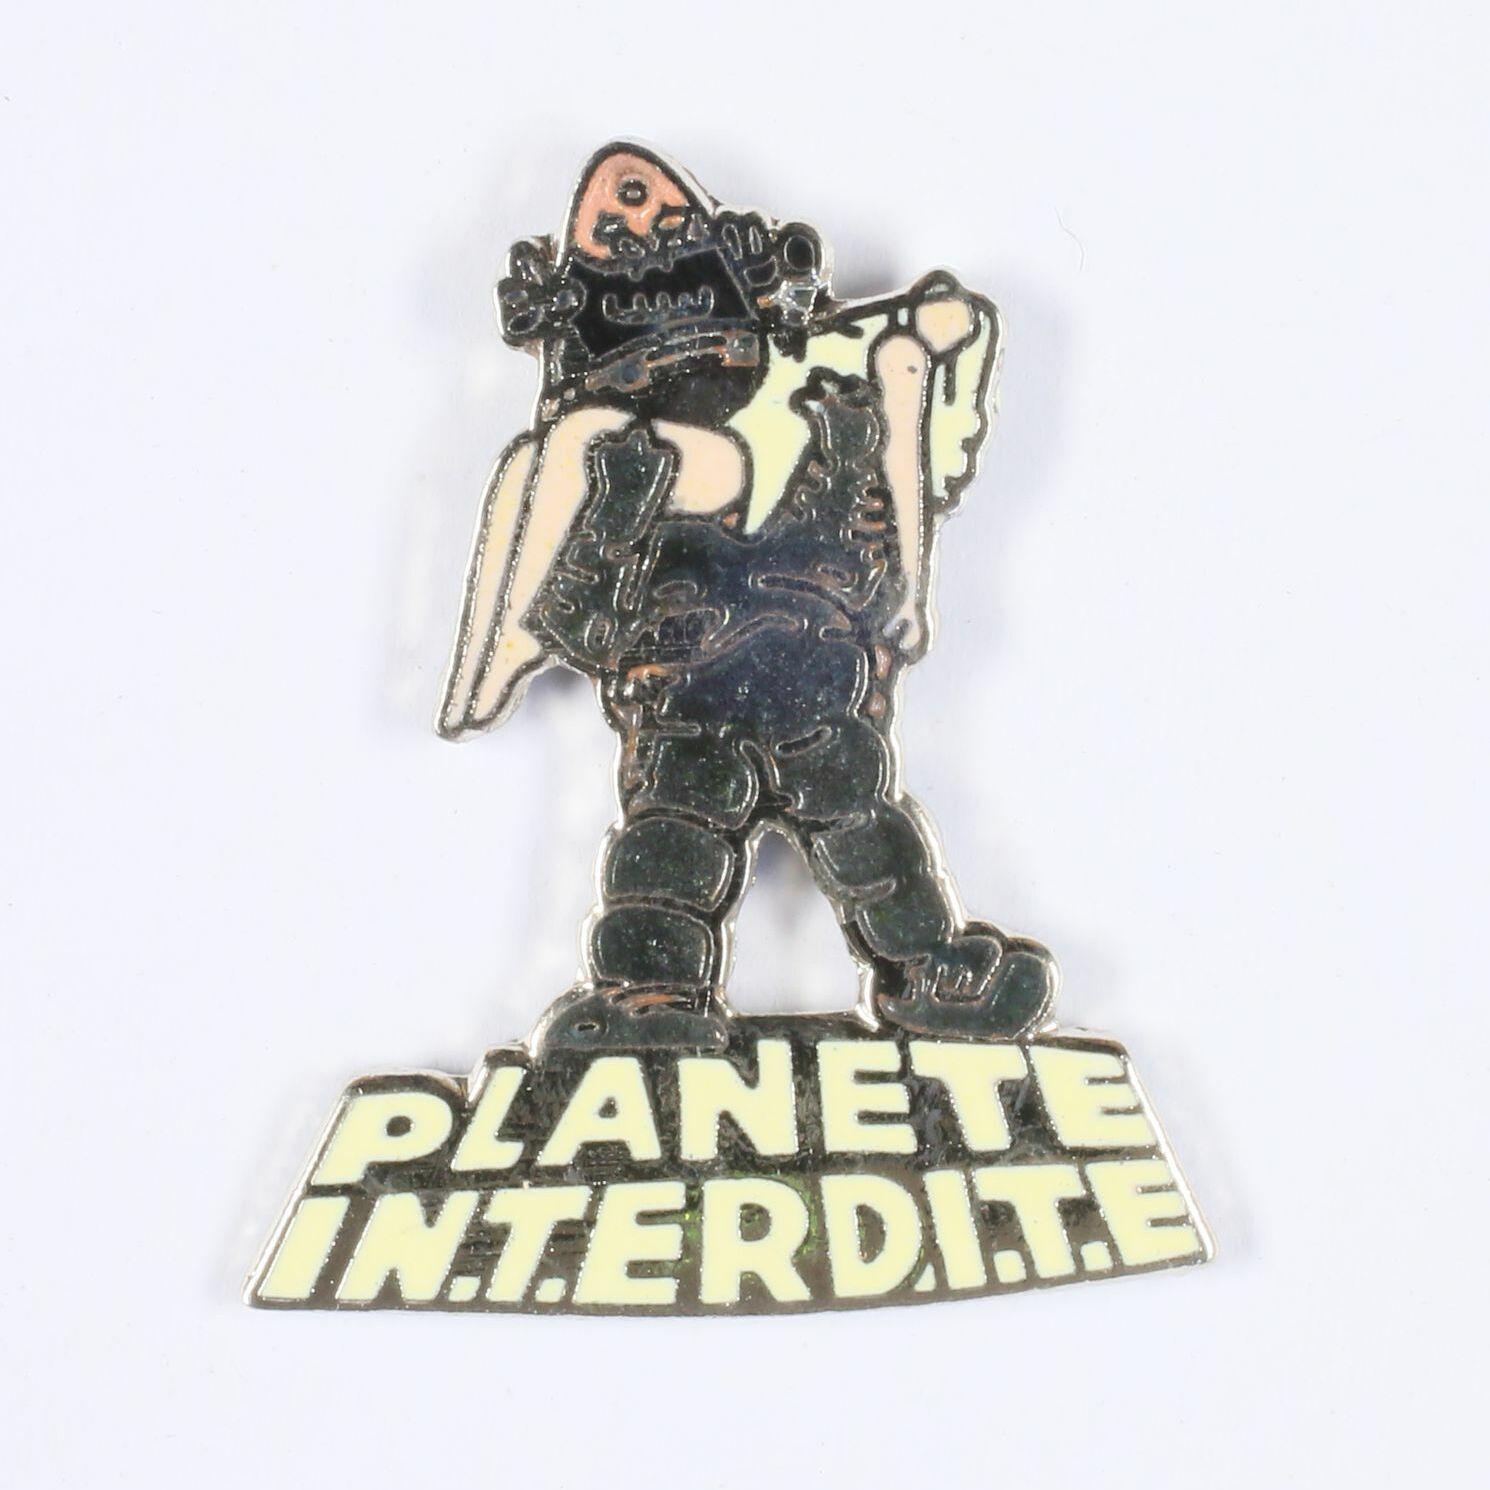 Planète Interdite